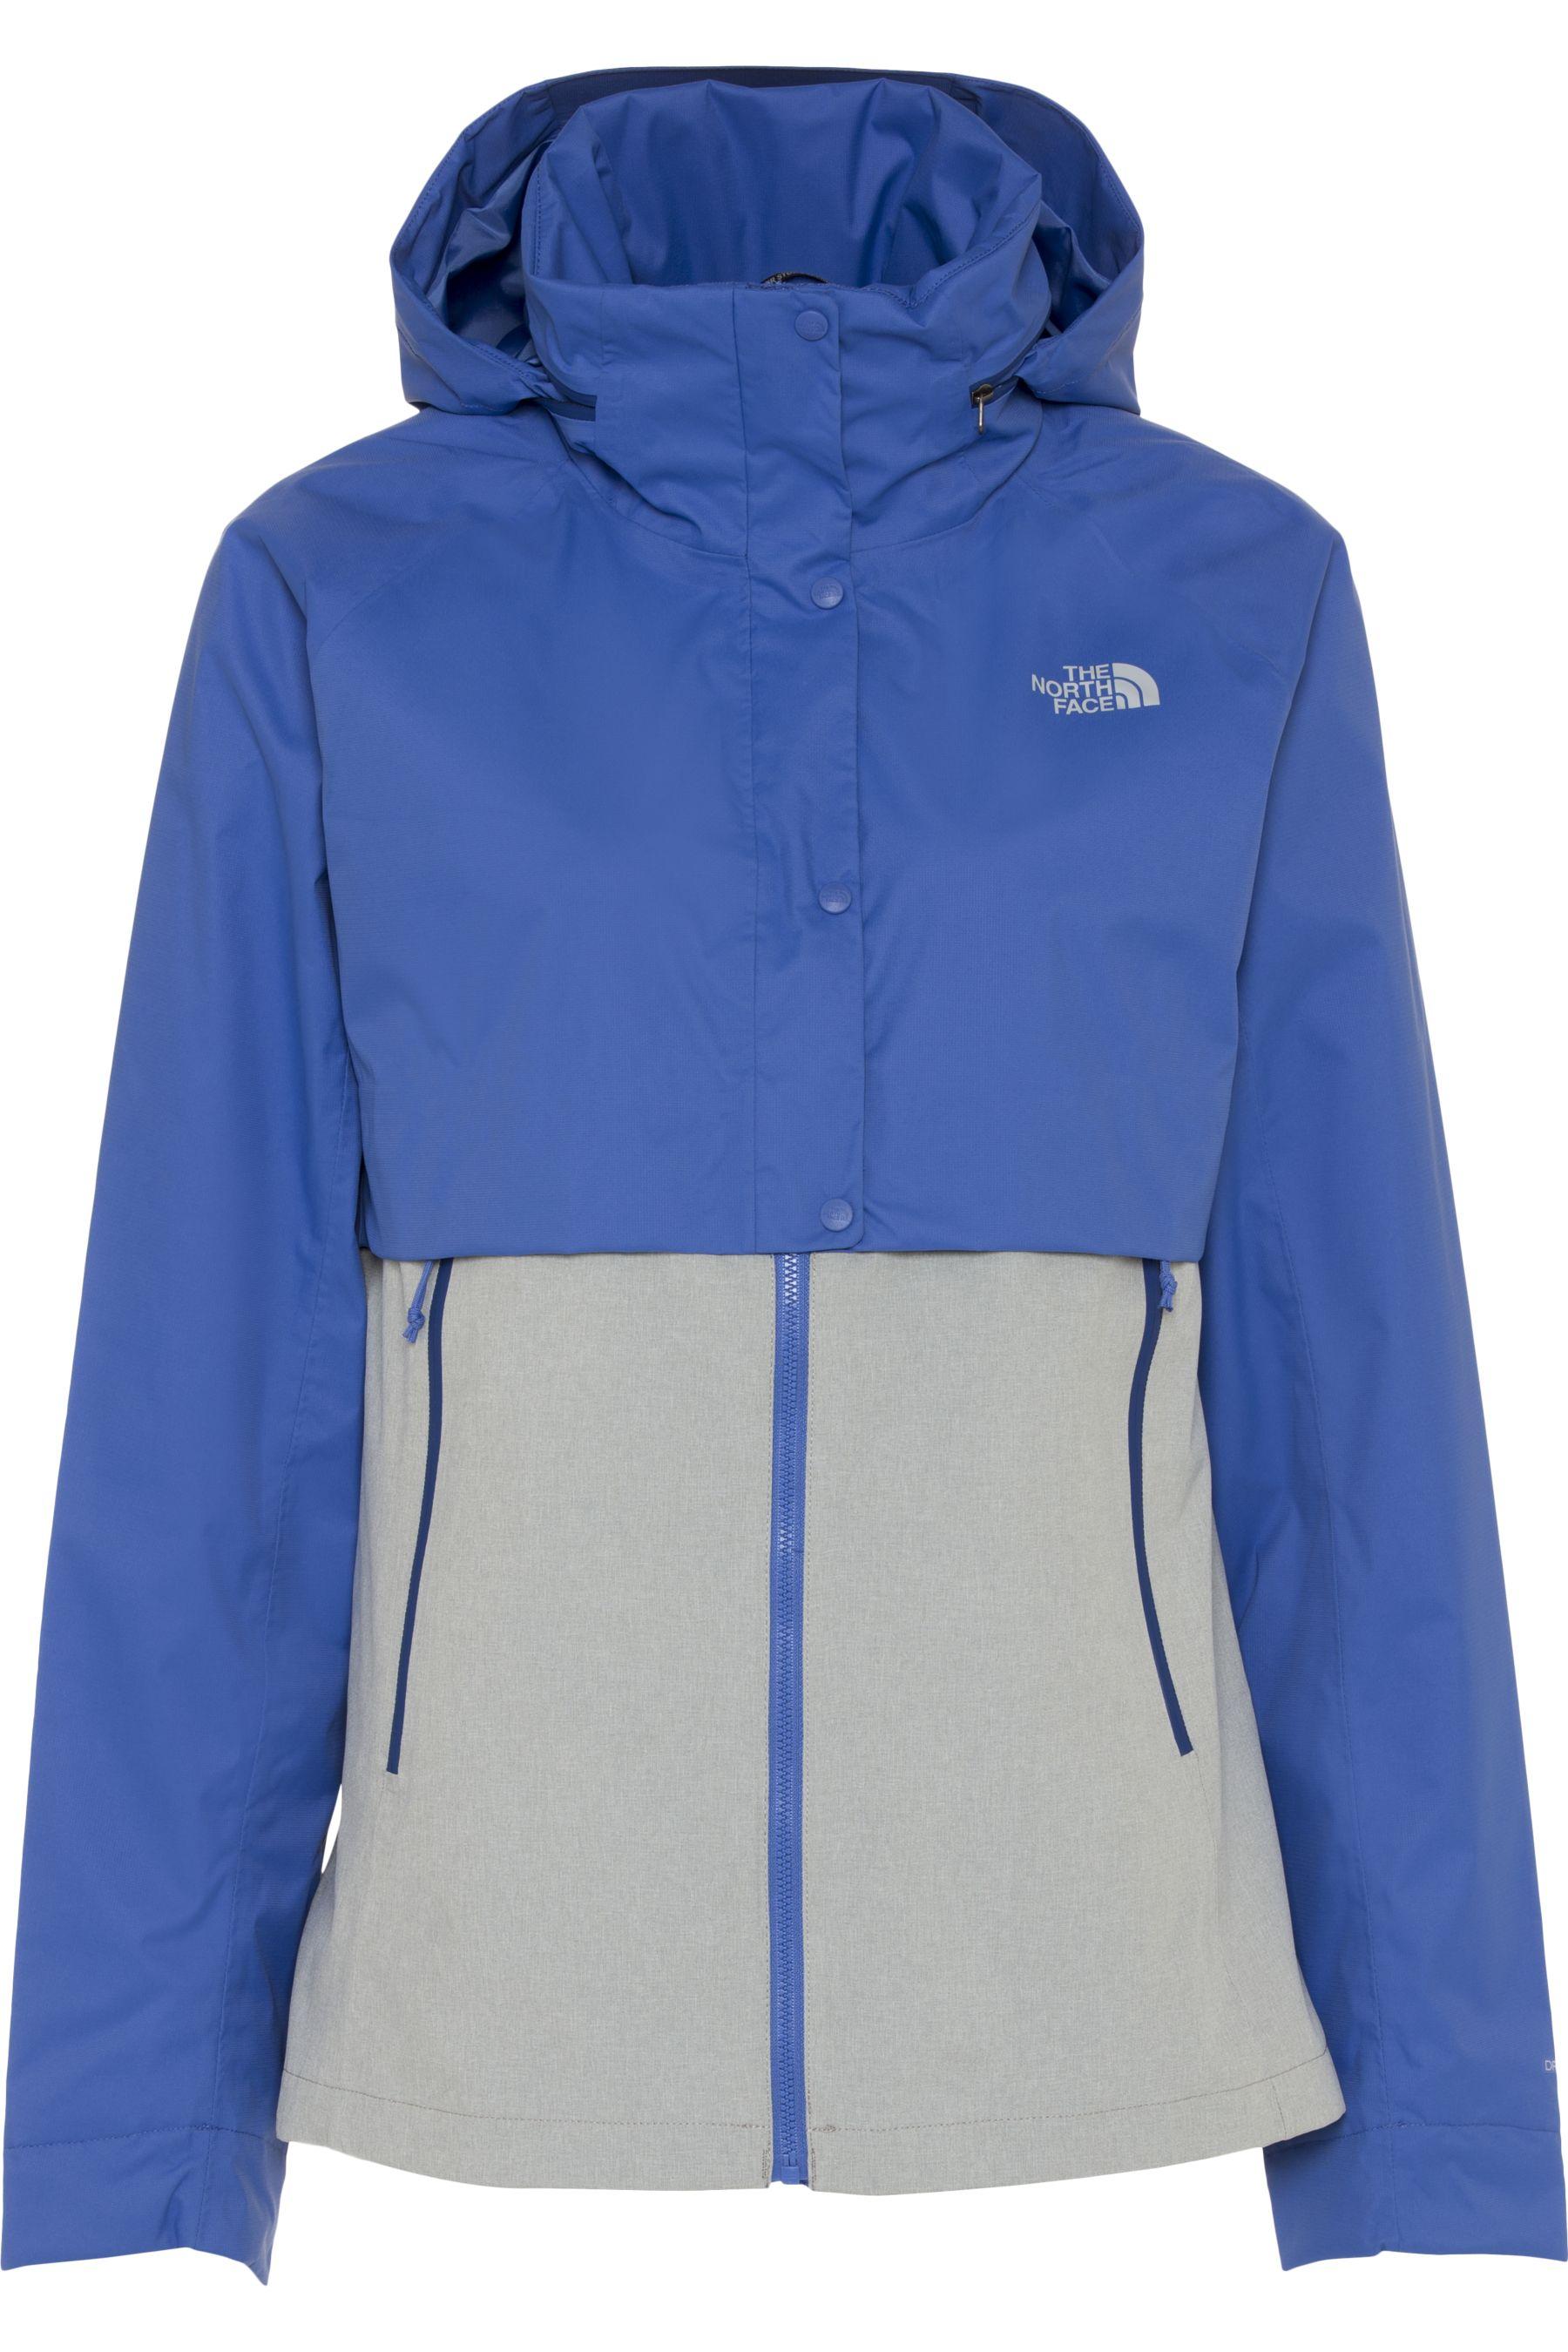 neueste kaufen attraktiver Preis Online-Verkauf Details zu The North Face Damen Kayenta Jacke Kapuze Übergangsjacke Blau  Grau 48 Large L